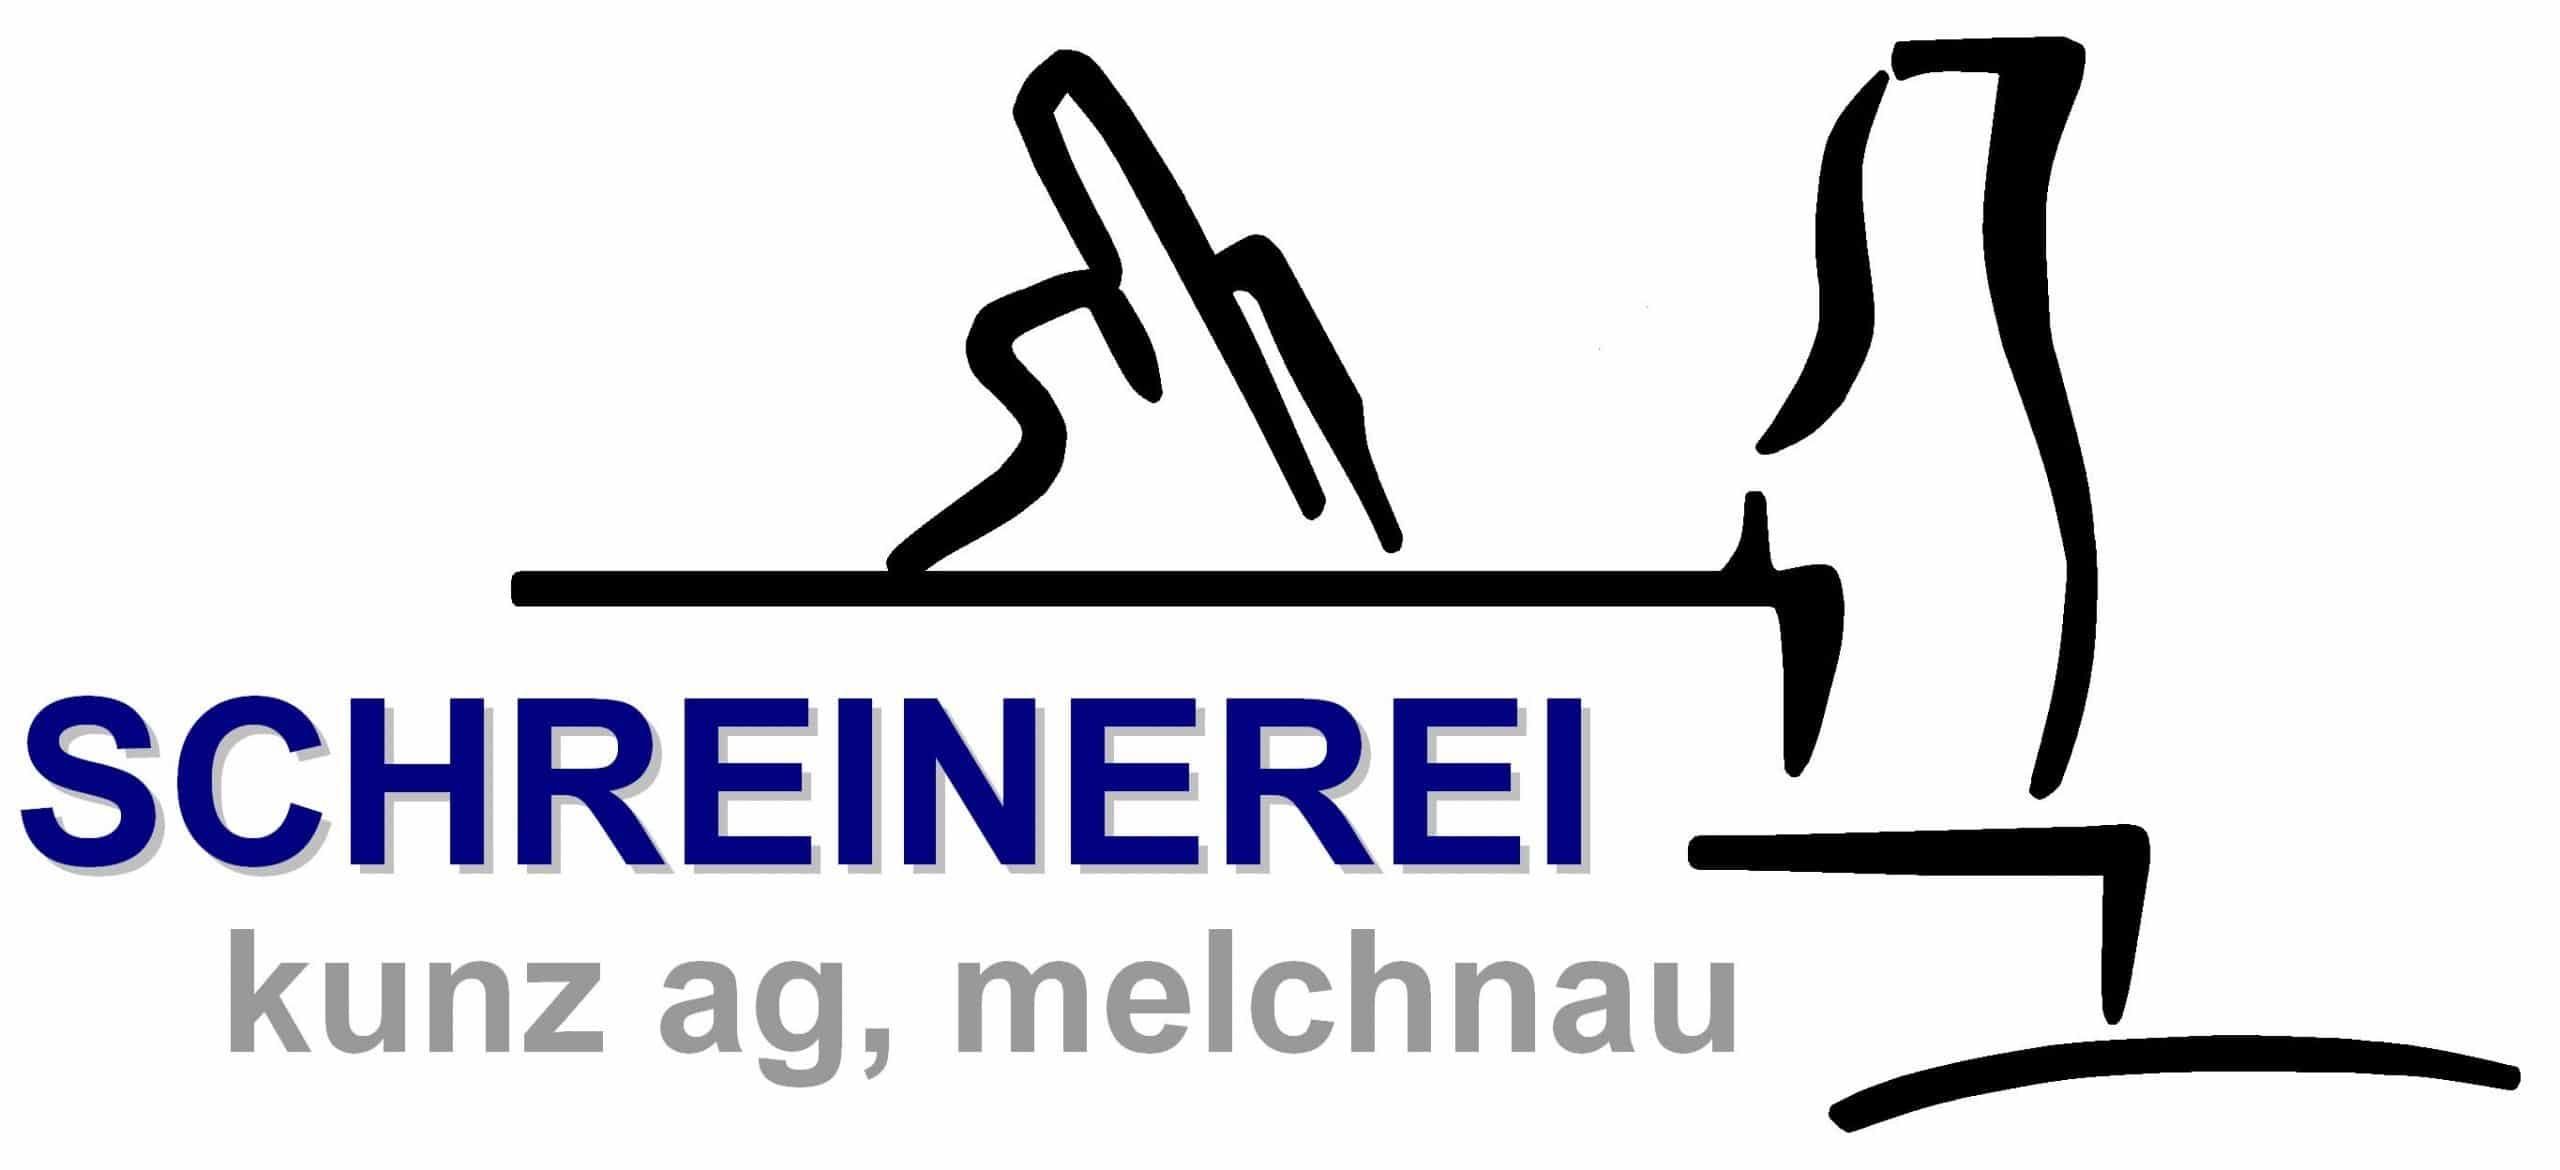 Logo Schreinerei Kunz Weiss